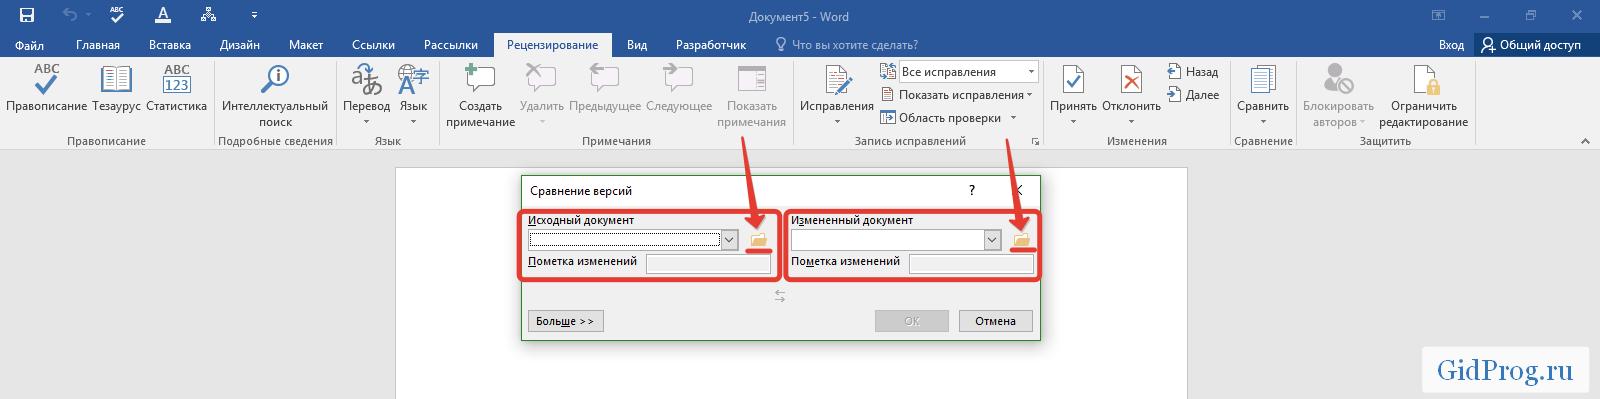 Сравниваем два документа Microsoft Word